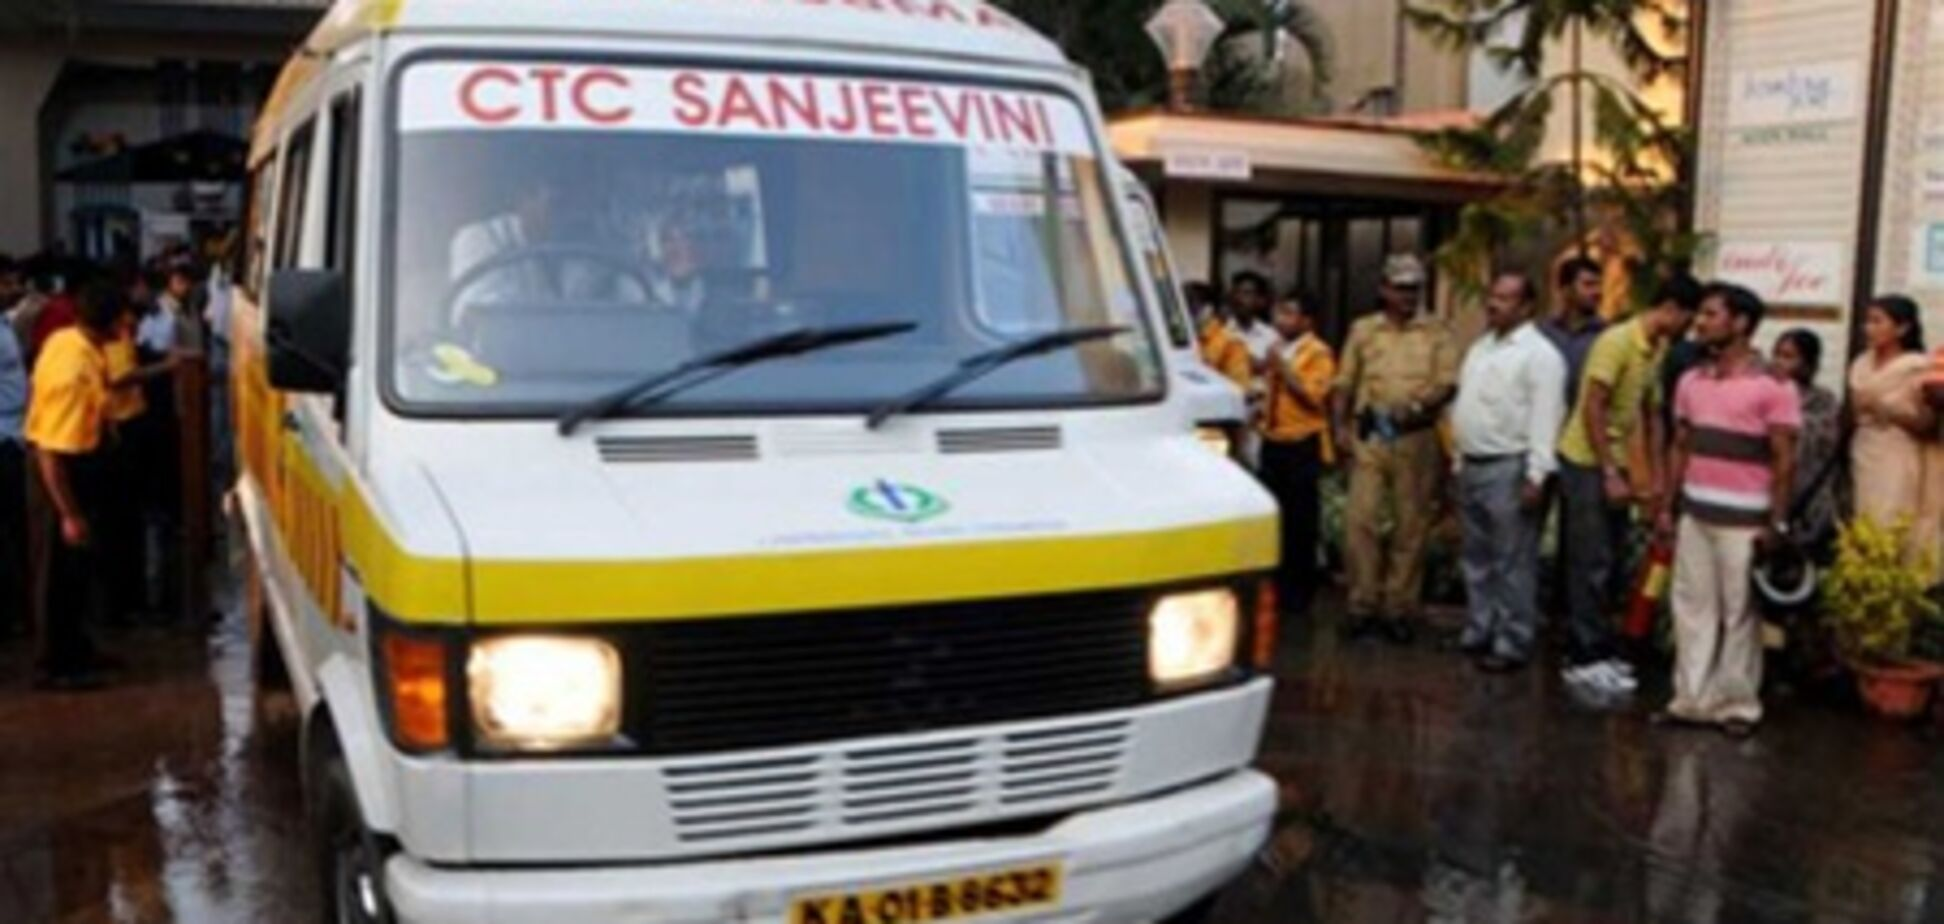 ДТП зі шкільним автобусом в Індії: 10 дітей загинули, 20 поранені